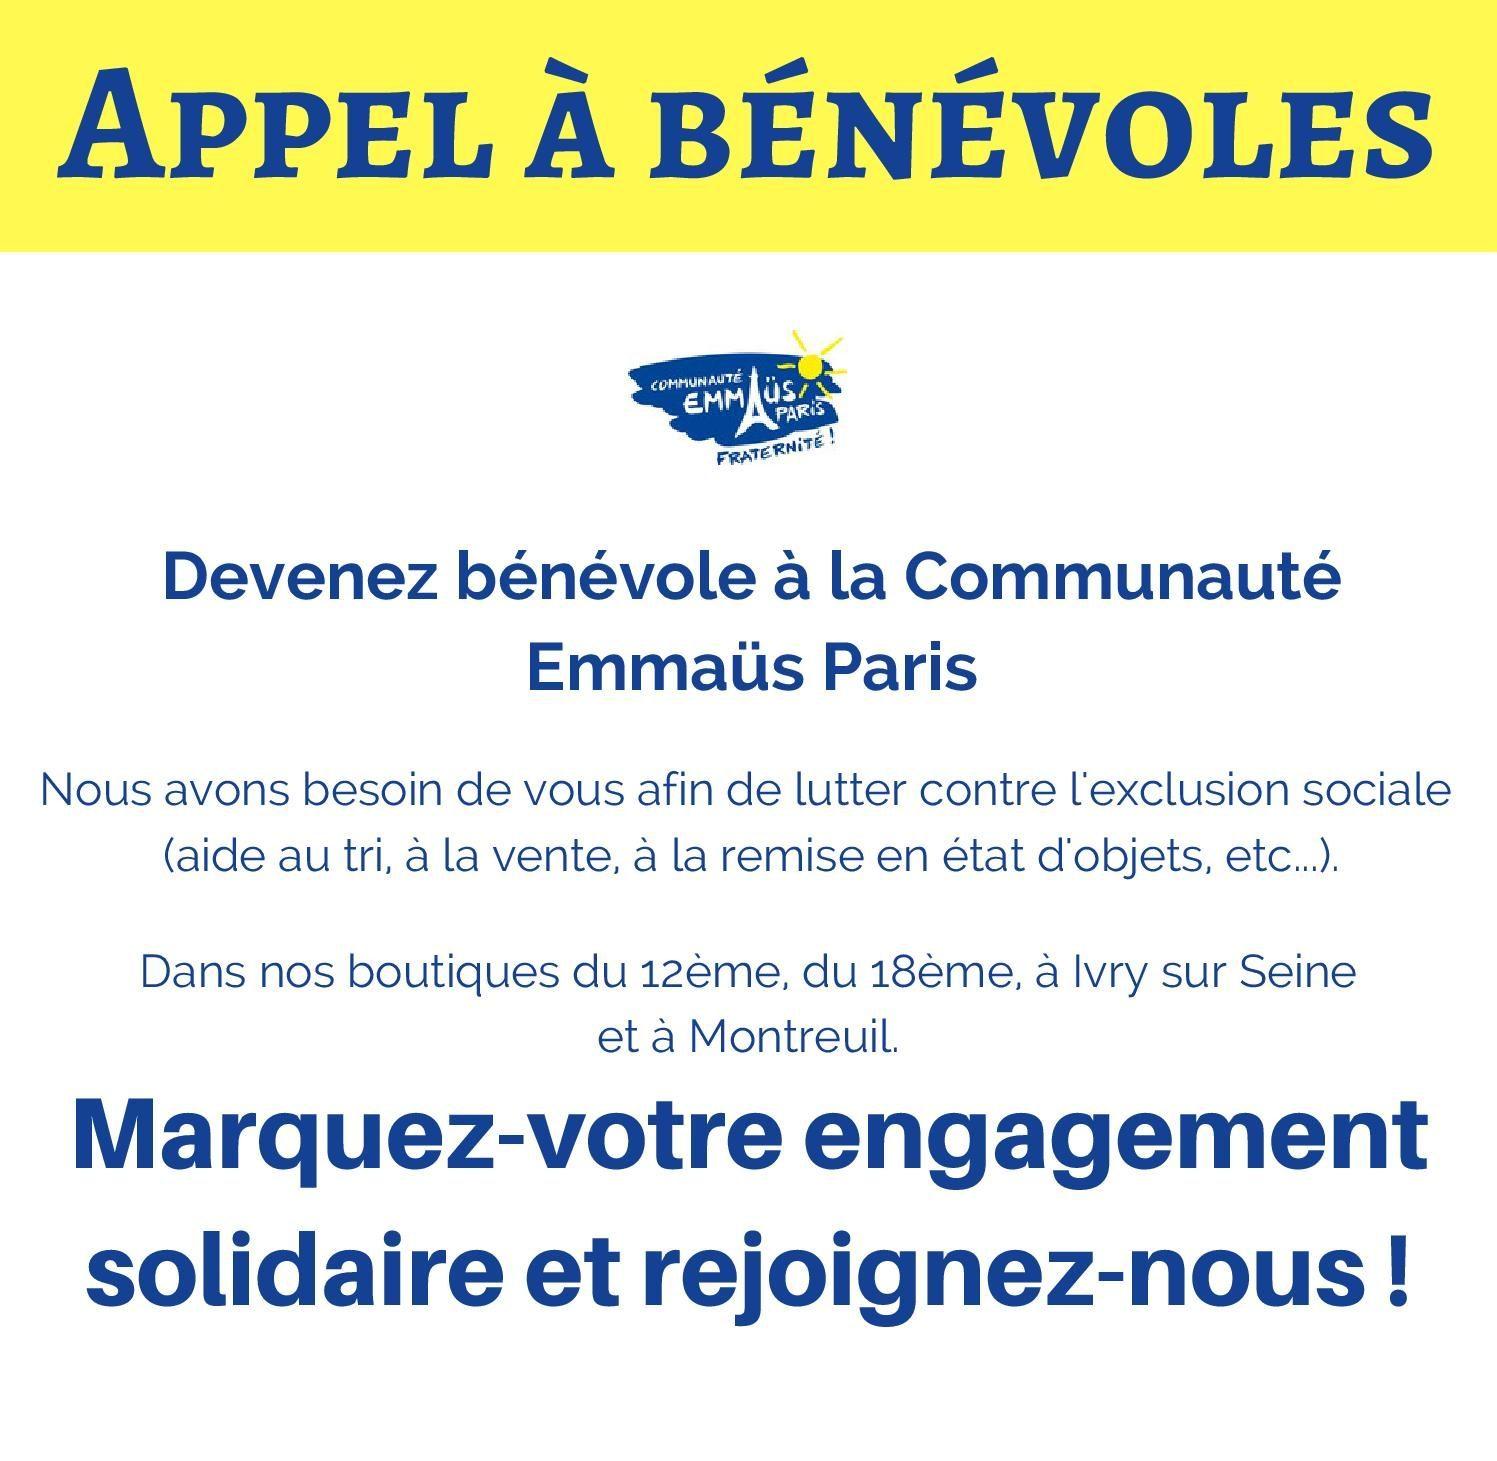 Appel à bénévoles Communauté Emmaüs Paris